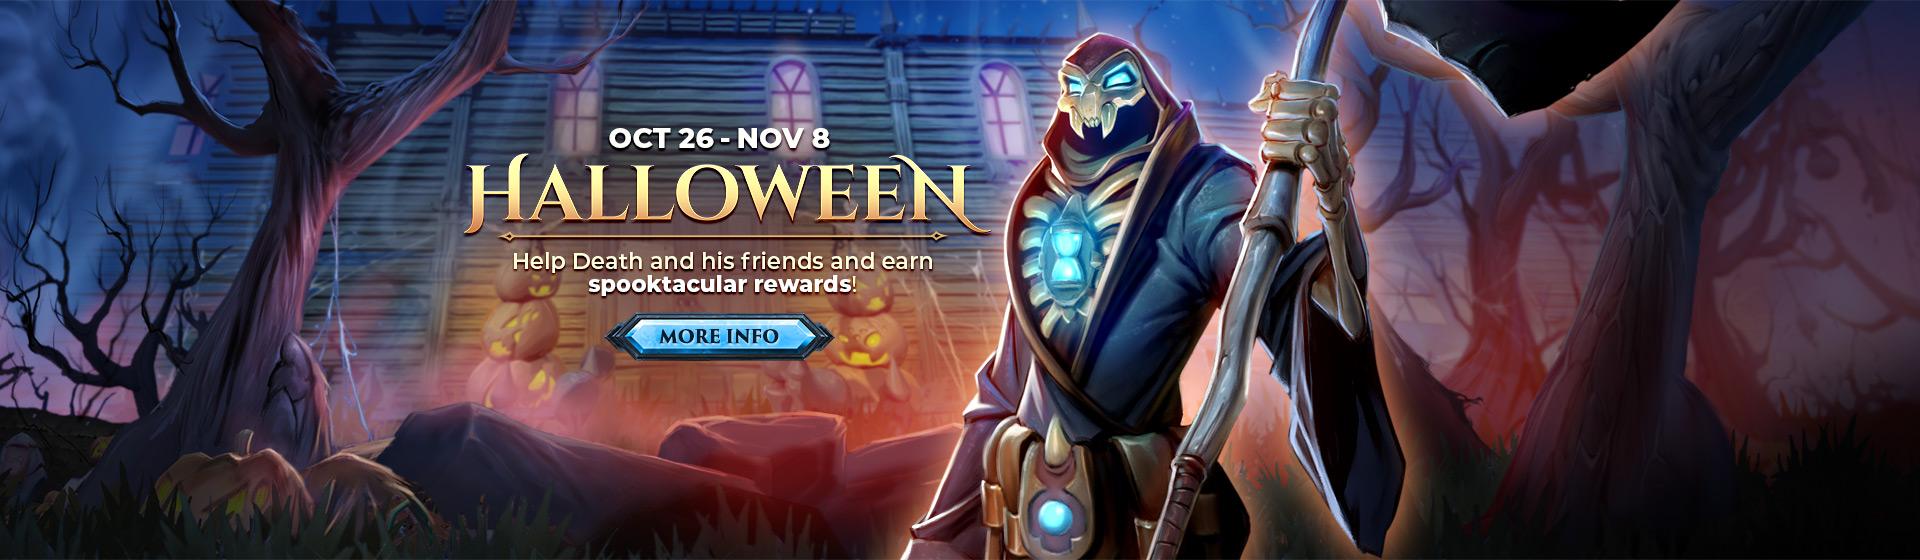 Rotator-Halloween-EN